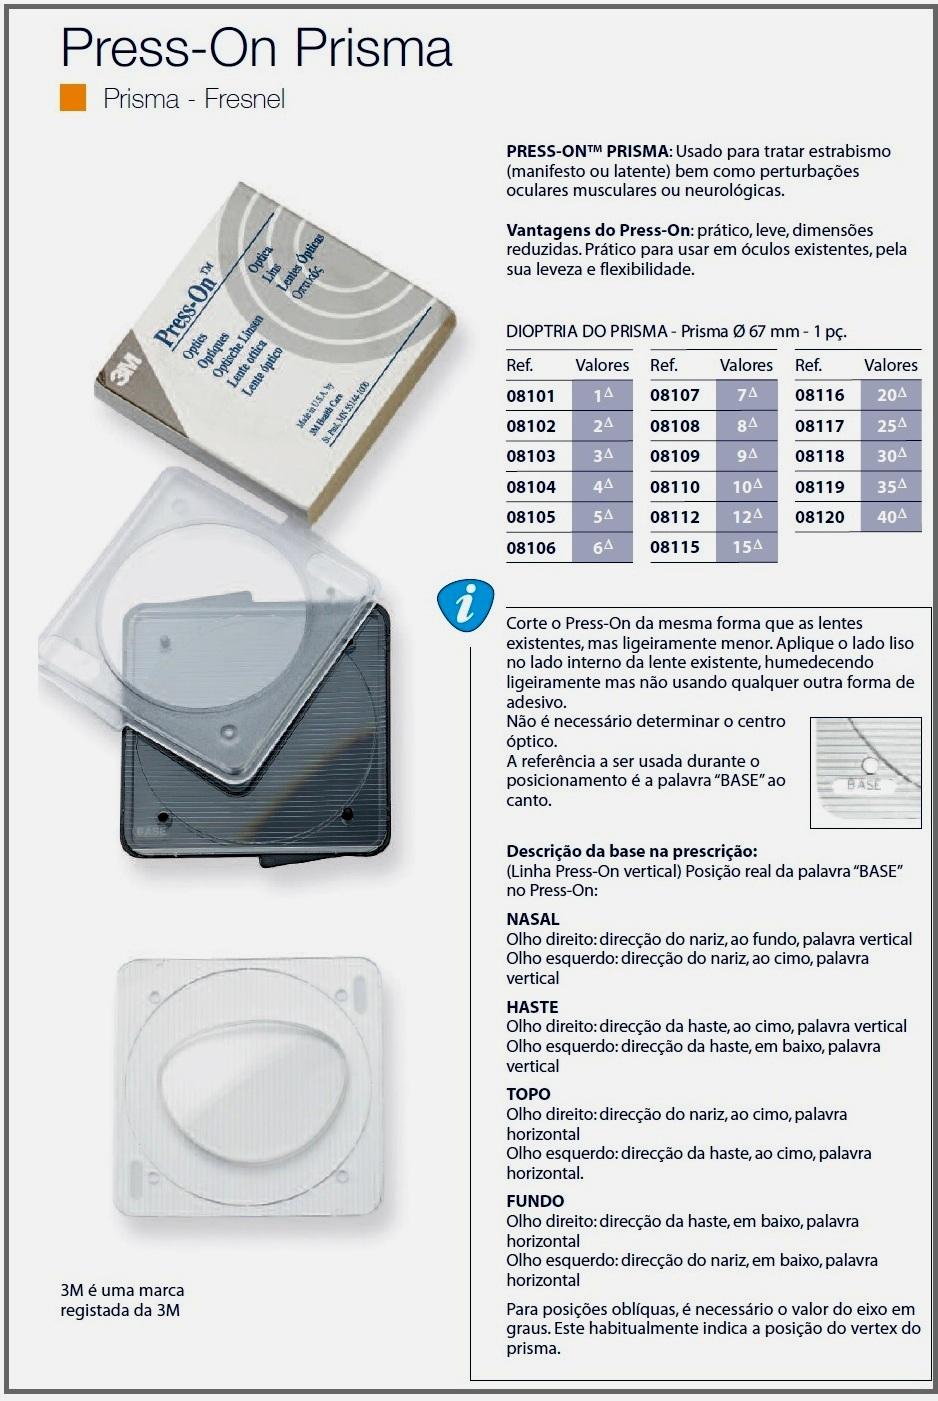 0208119 - CorreçãoVisual 02 Press-On Prisma 35 Mod 8119 FLAG O FLAG E  -Contém 1 Peça